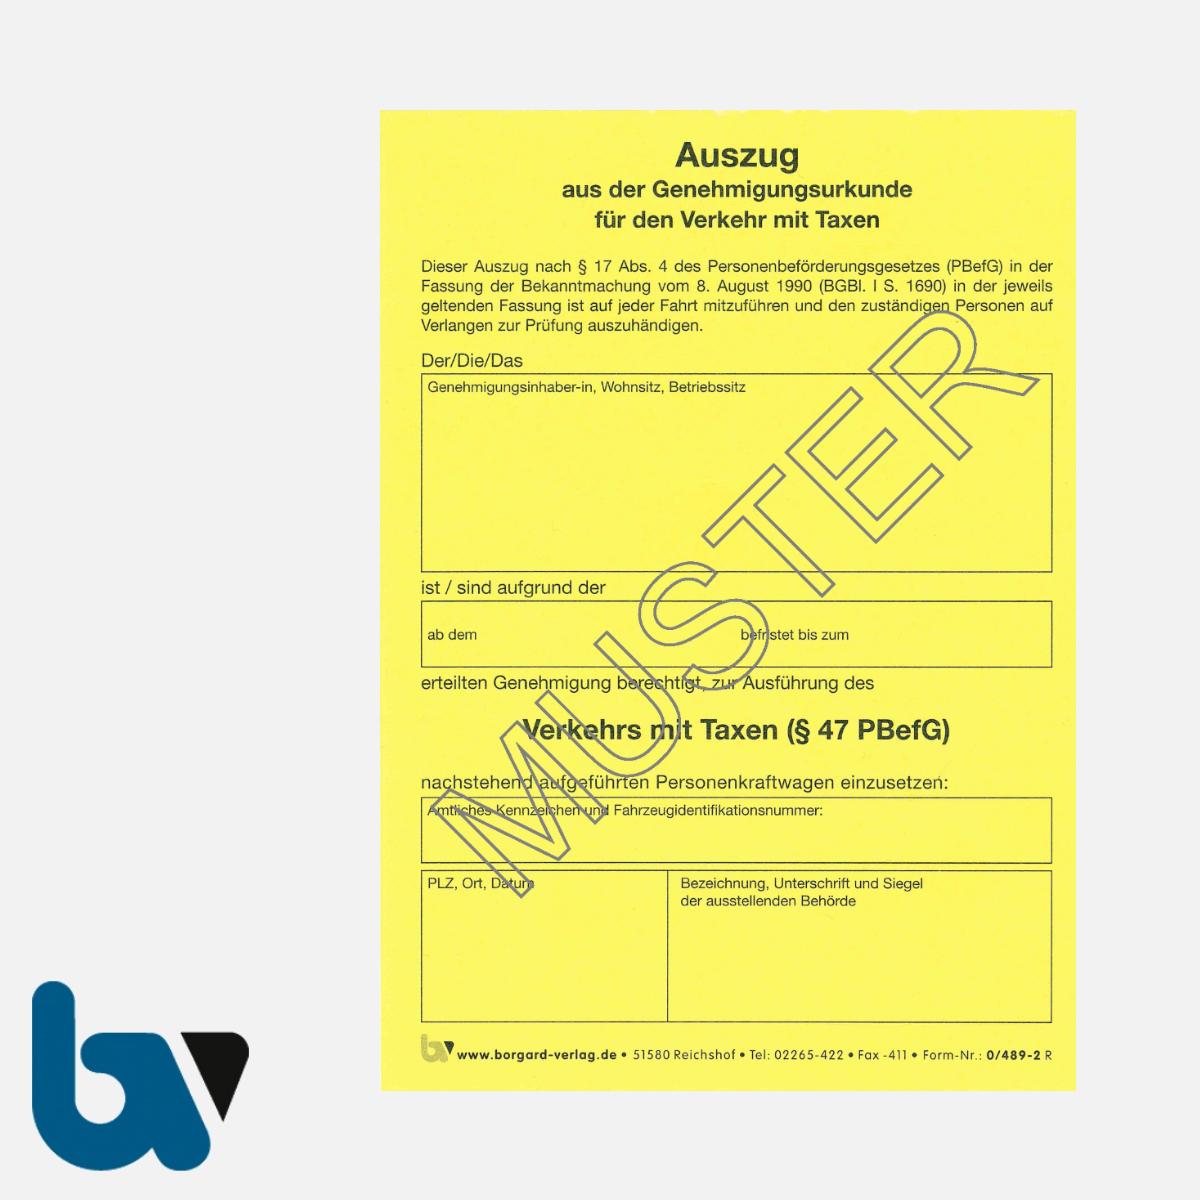 0/489-2 Auszug Genehmigungsurkunde Personenbeförderung PBefG Verkehr Taxen Taxi 2-fach selbstdurchschreibend Neobond gelb DIN A6 | Borgard Verlag GmbH